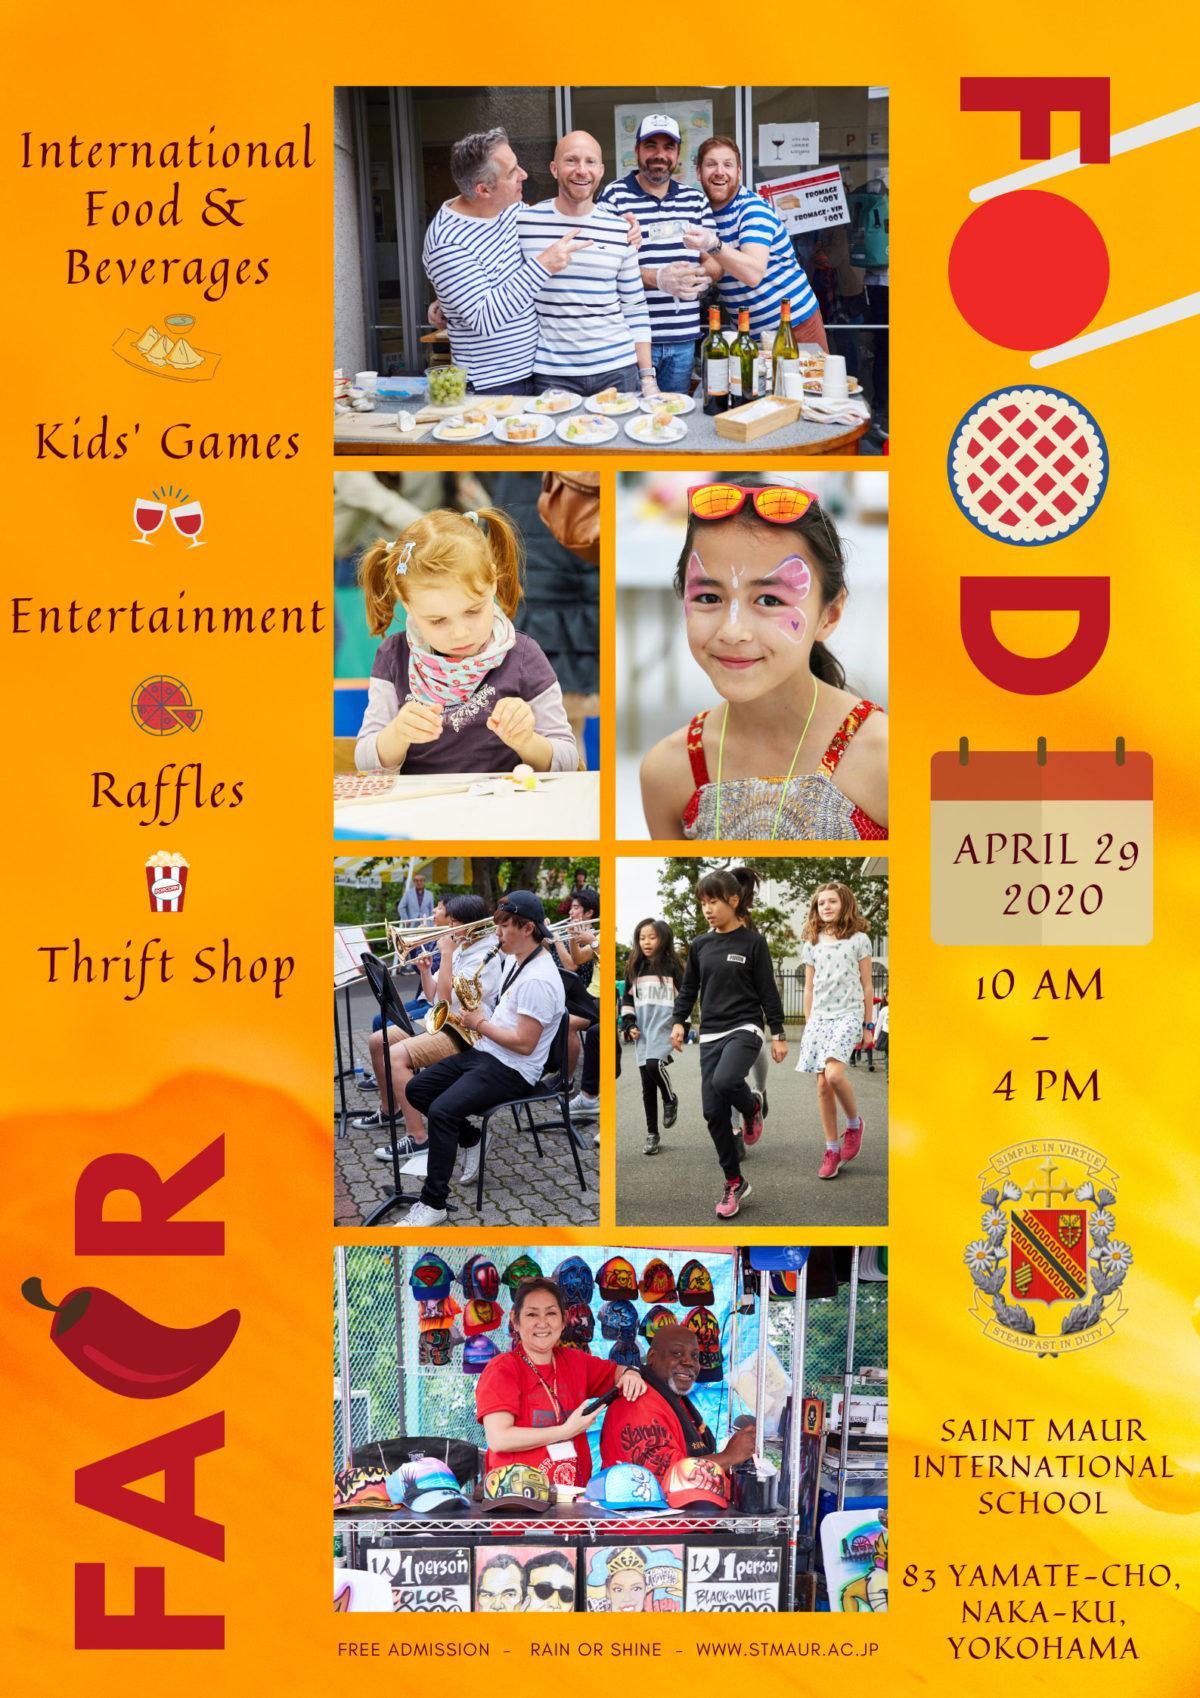 2020年4月29日(水祝) Food Fair(フードフェア)@サンモールインターナショナルスクール【中止】